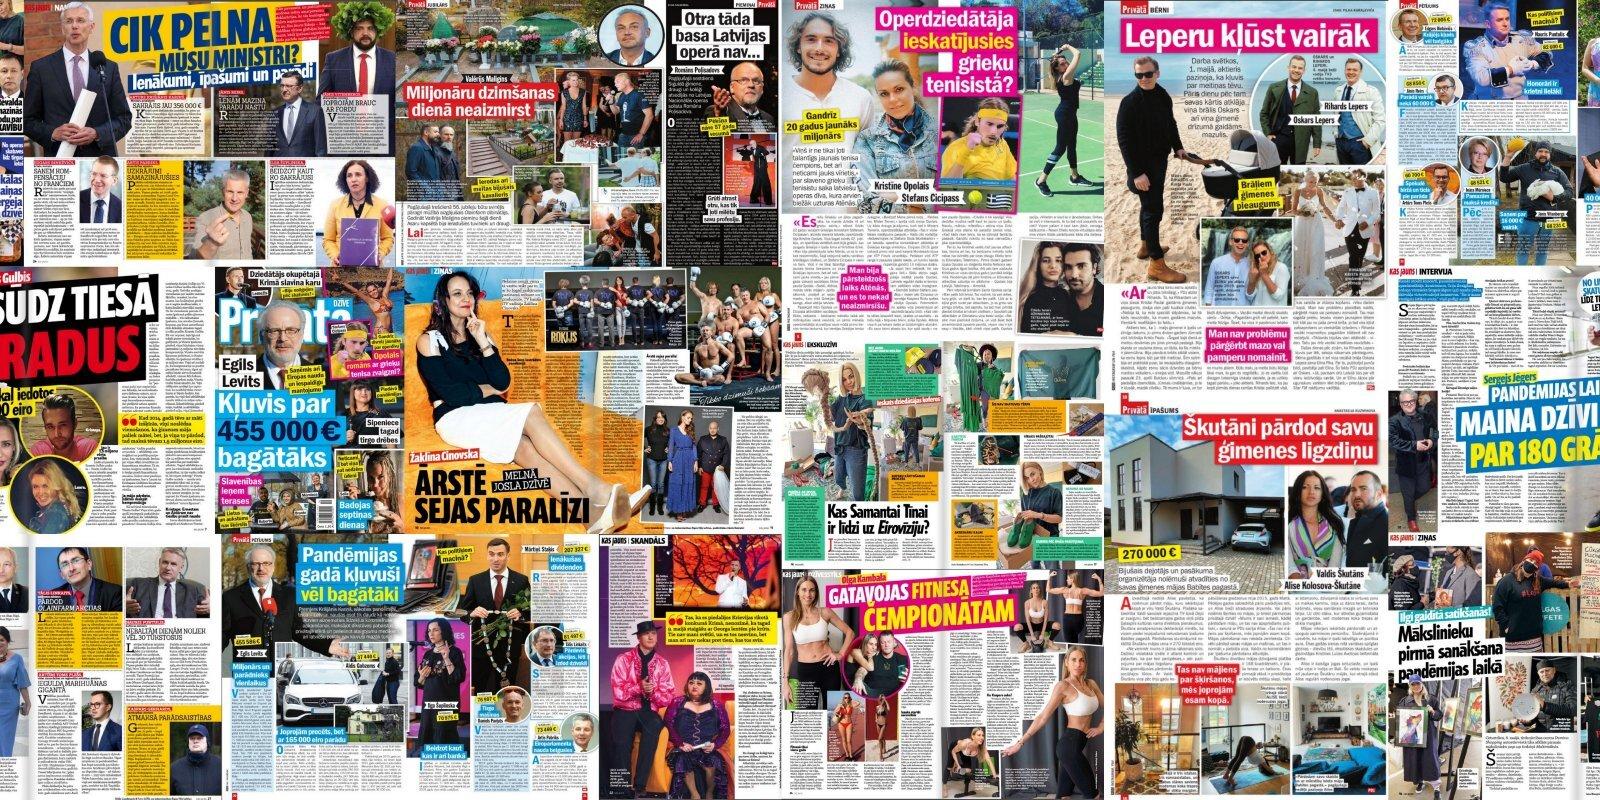 Насколько латвийские политики разбогатели за время пандемии: о чем пишут латышские таблоиды